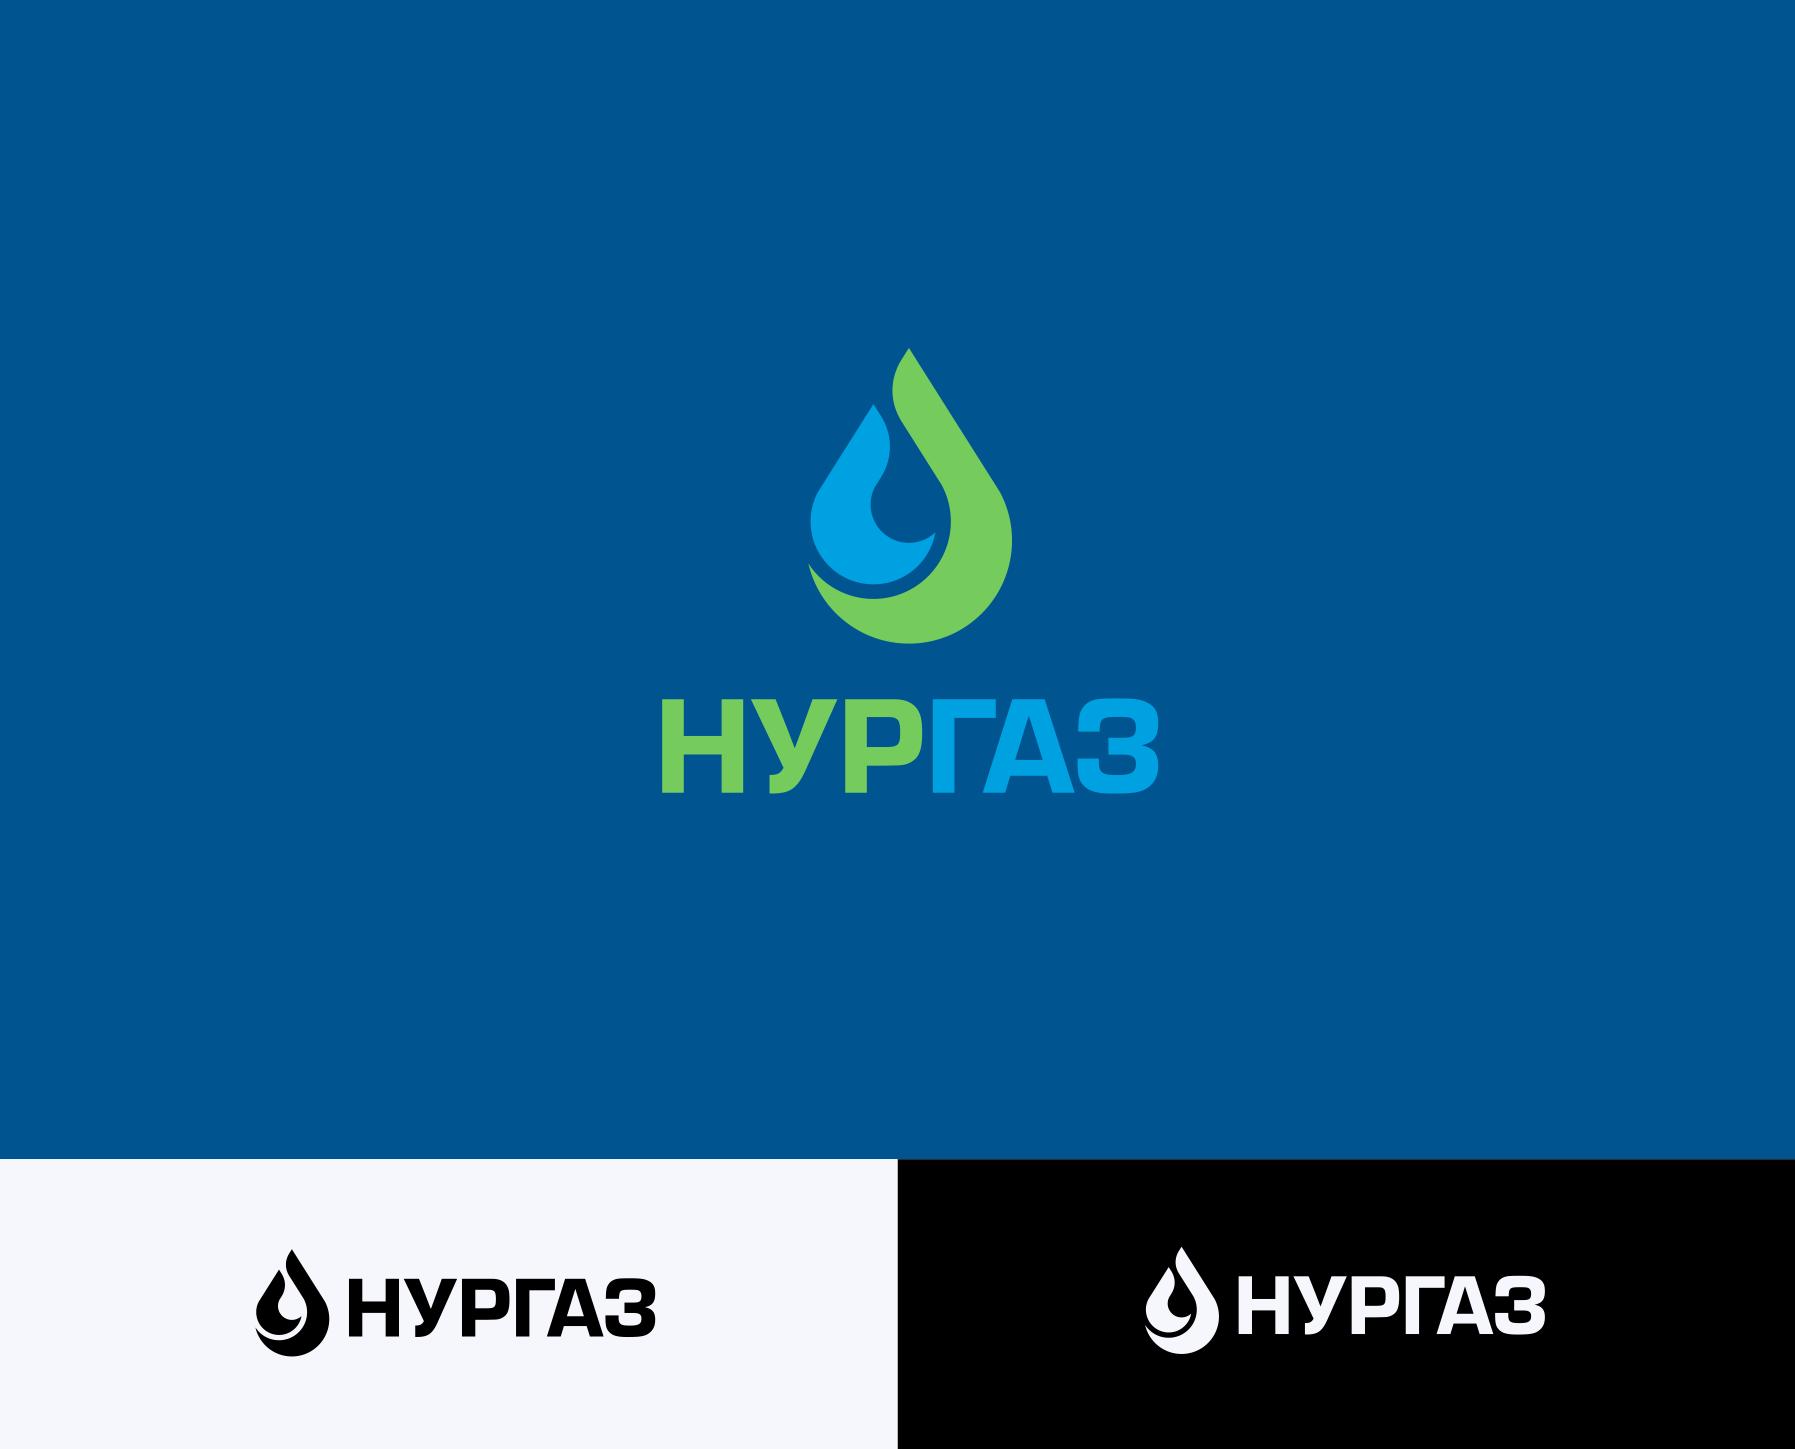 Разработка логотипа и фирменного стиля фото f_7245d9bf7df5aef7.png